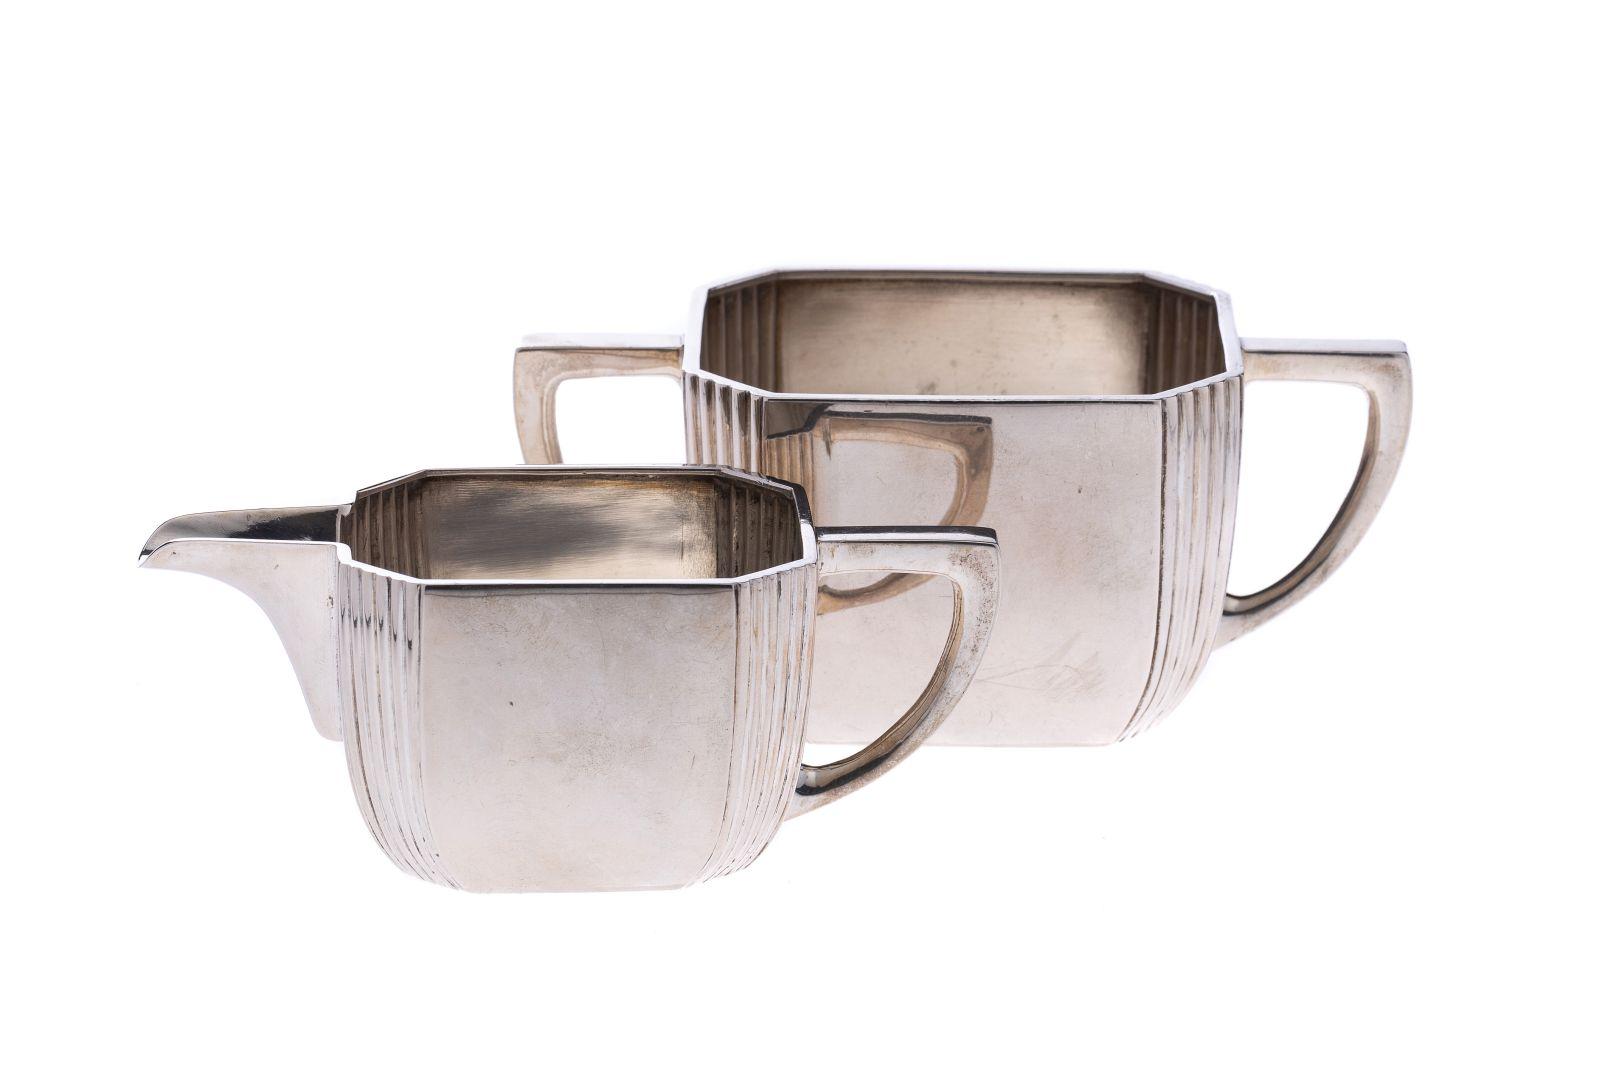 #71 Milk jug and sugar bowl Austria - Hungary | Milchkännchen und Zuckerdose Österreich - Ungarn Image